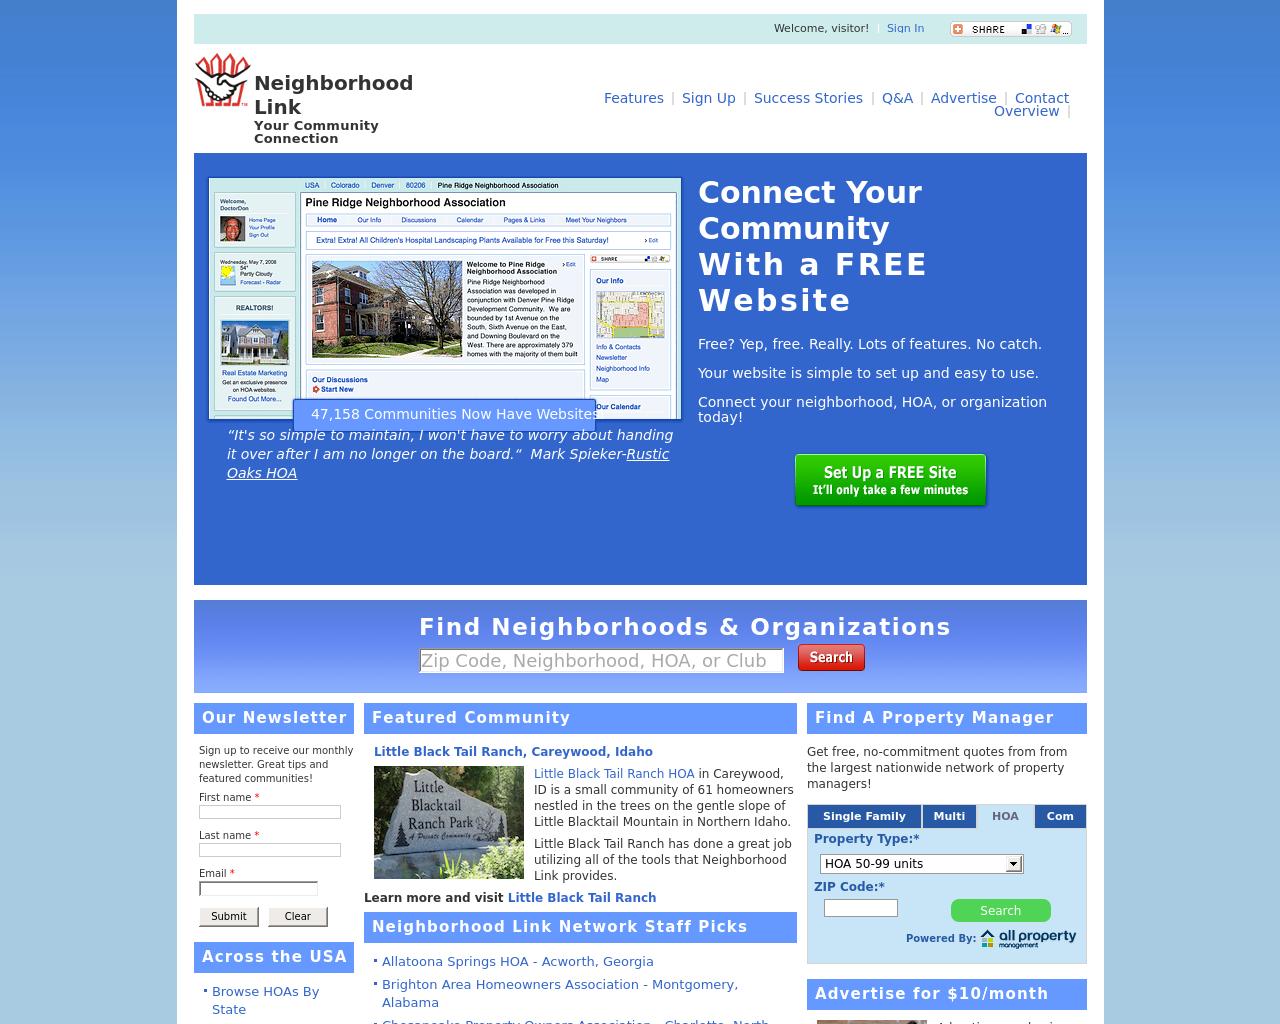 Neighborhood-Link-Advertising-Reviews-Pricing